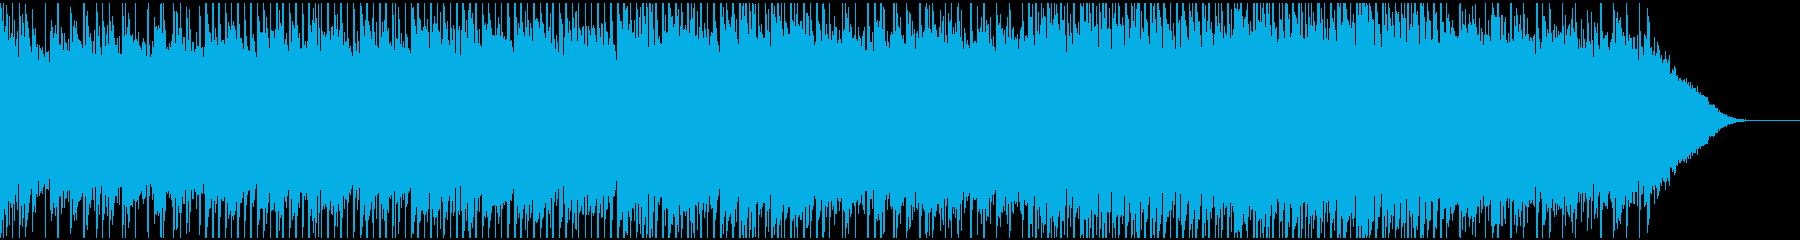 企業VP28,コーポレート,爽快の再生済みの波形